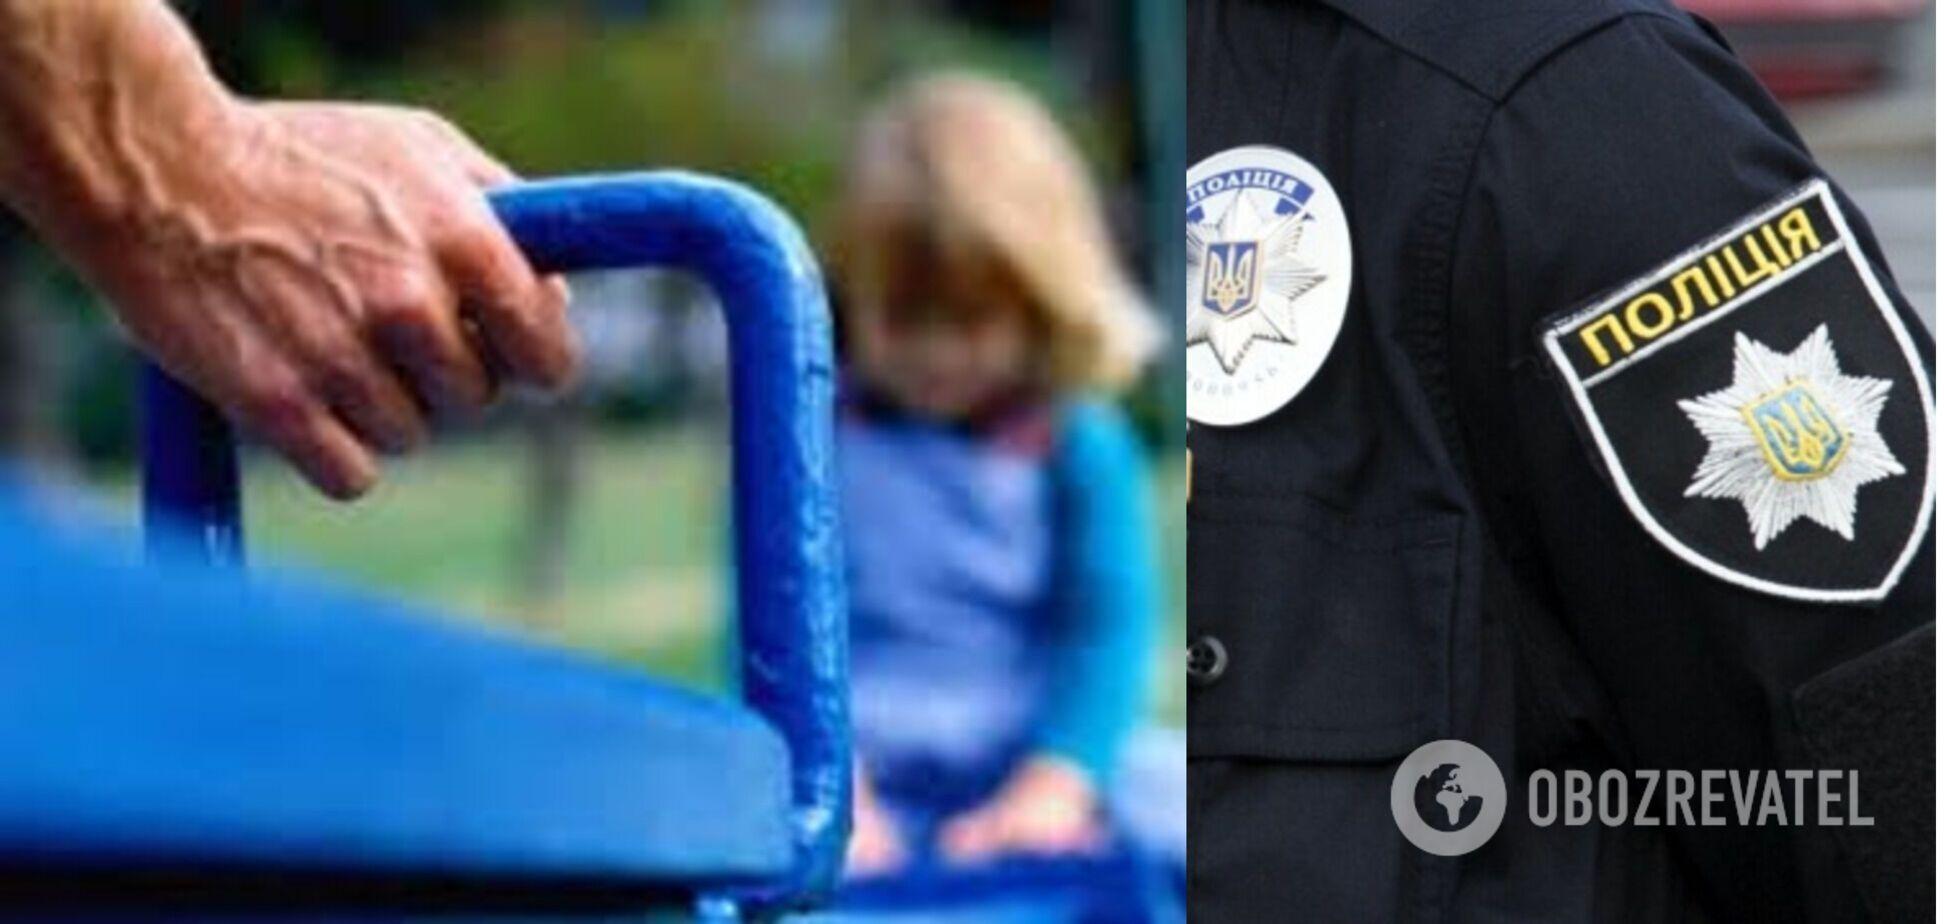 В Киеве задержали извращенца, пристававшего к девочке на детской площадке